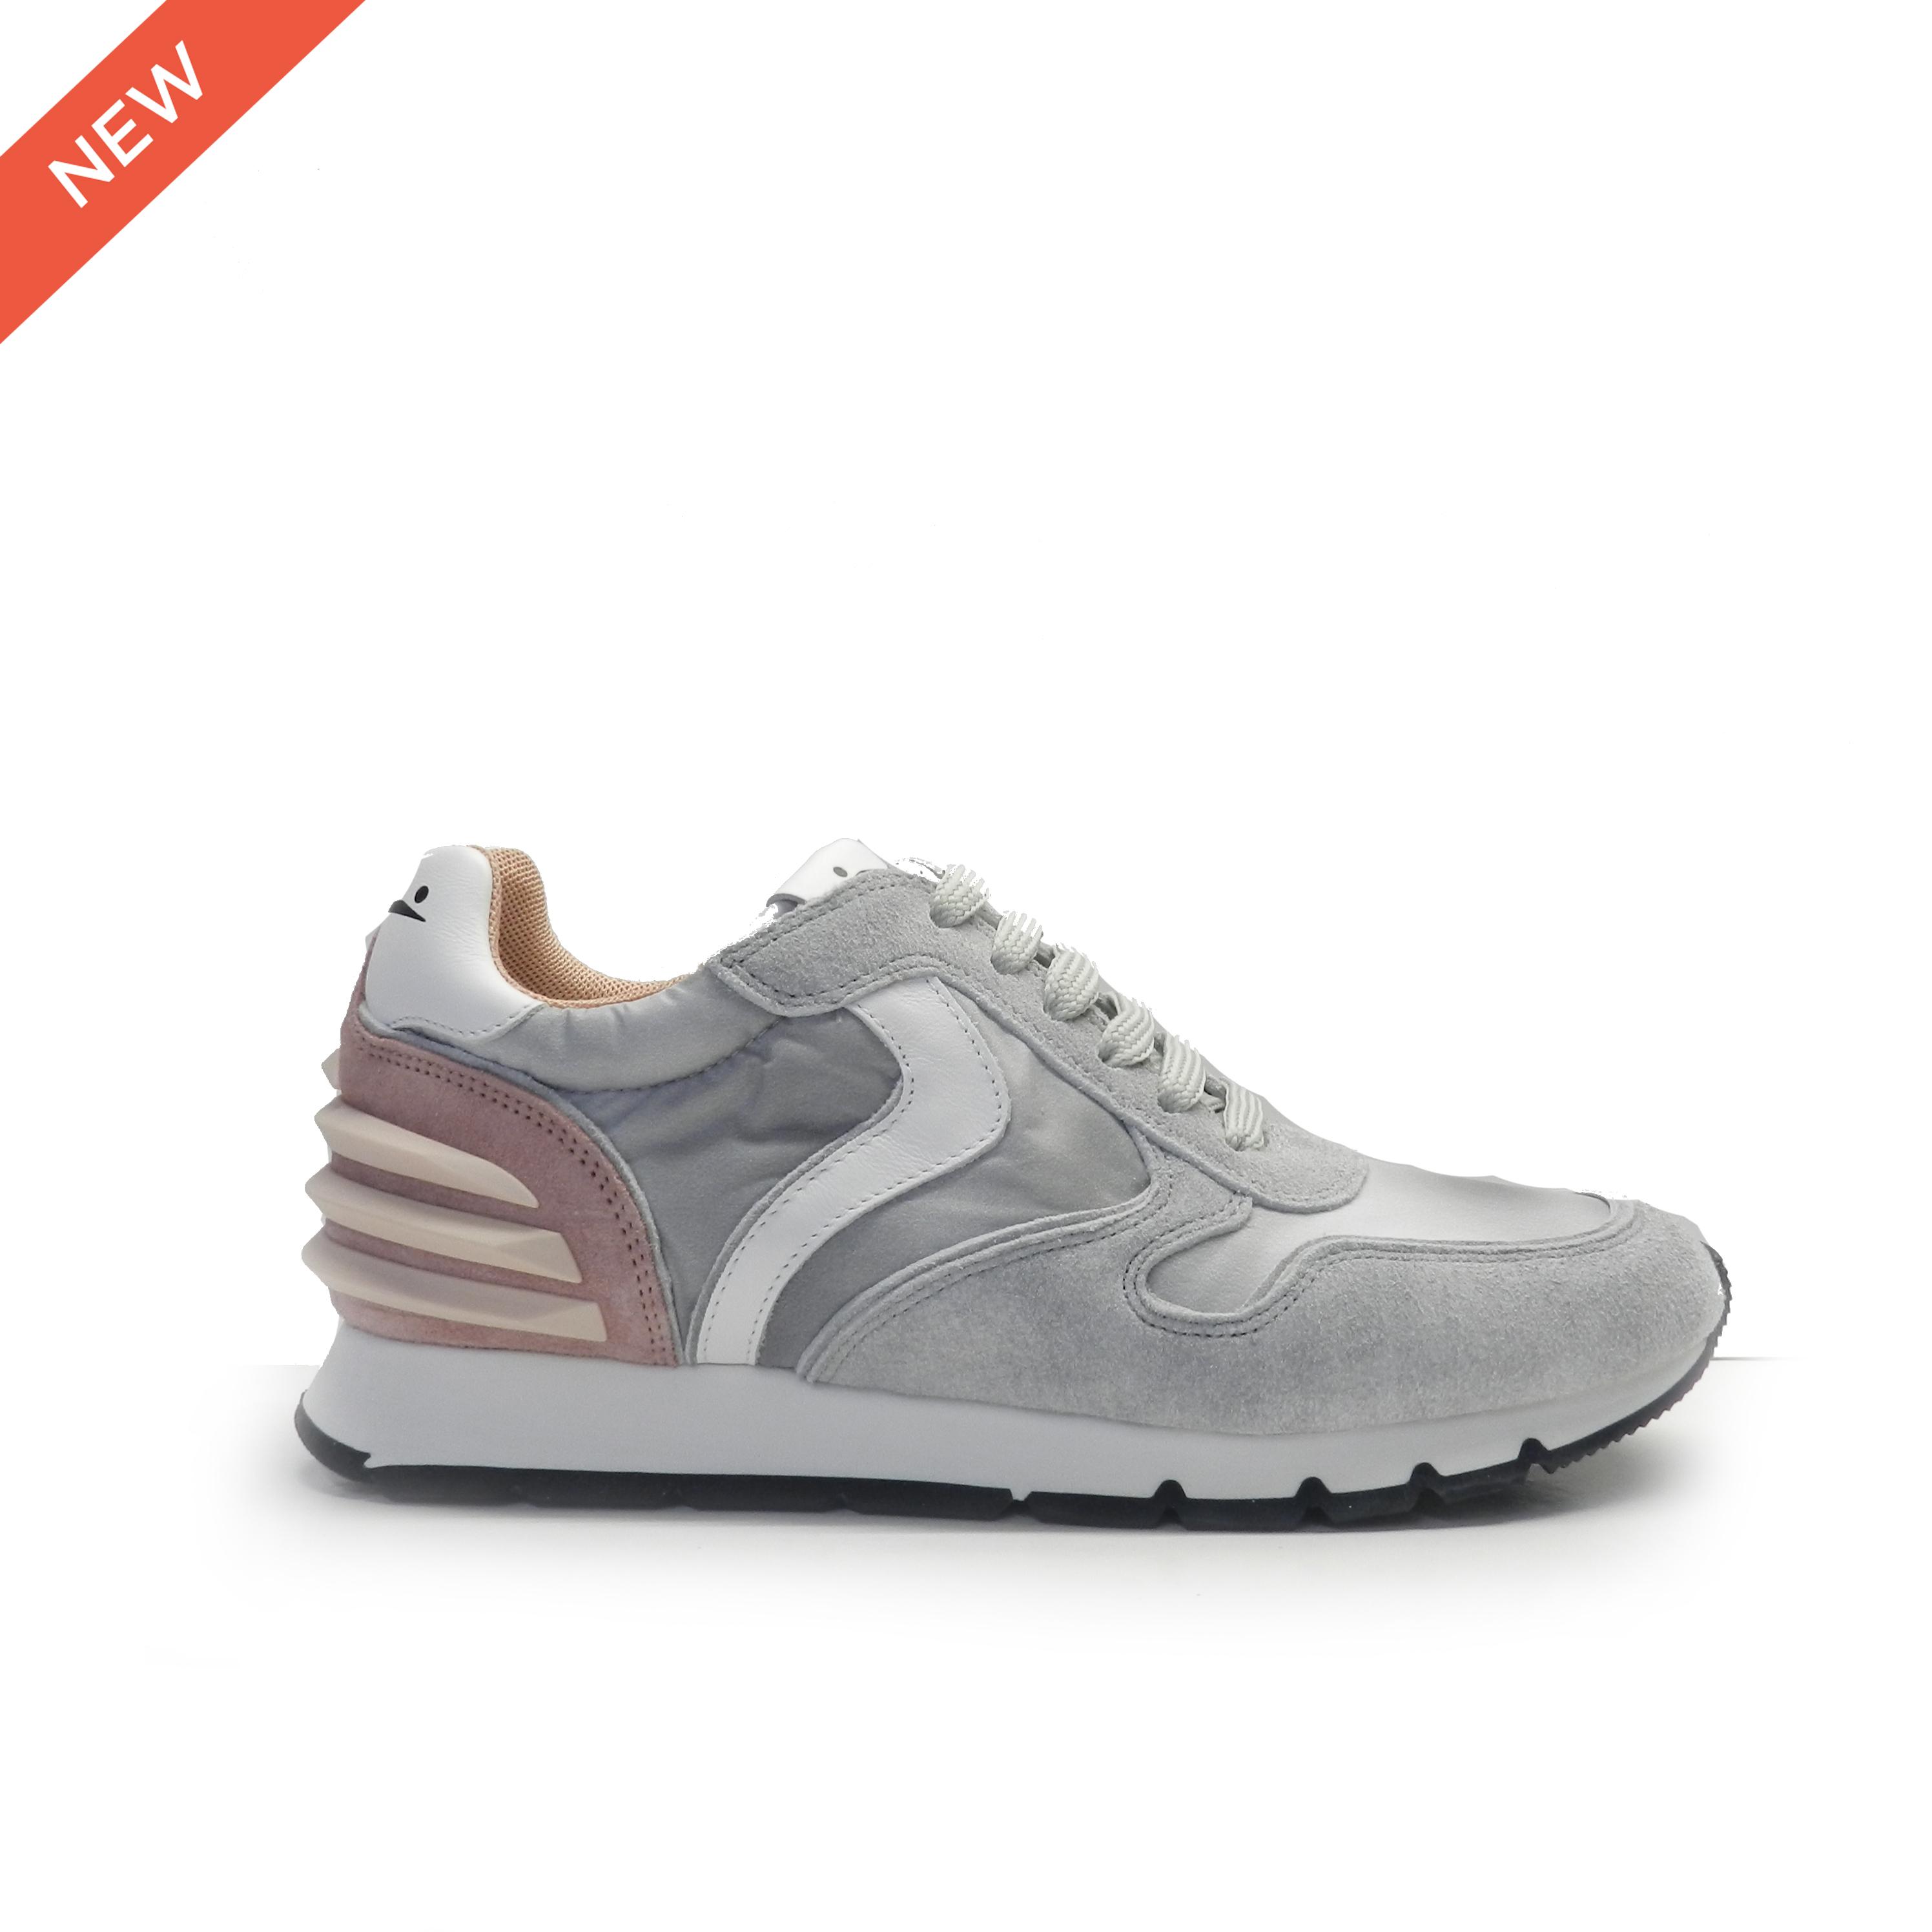 sneakers de cordones combinado en piel de nobuck gris, nylon plateado y el talón en rosa, marca Voile Blanche.